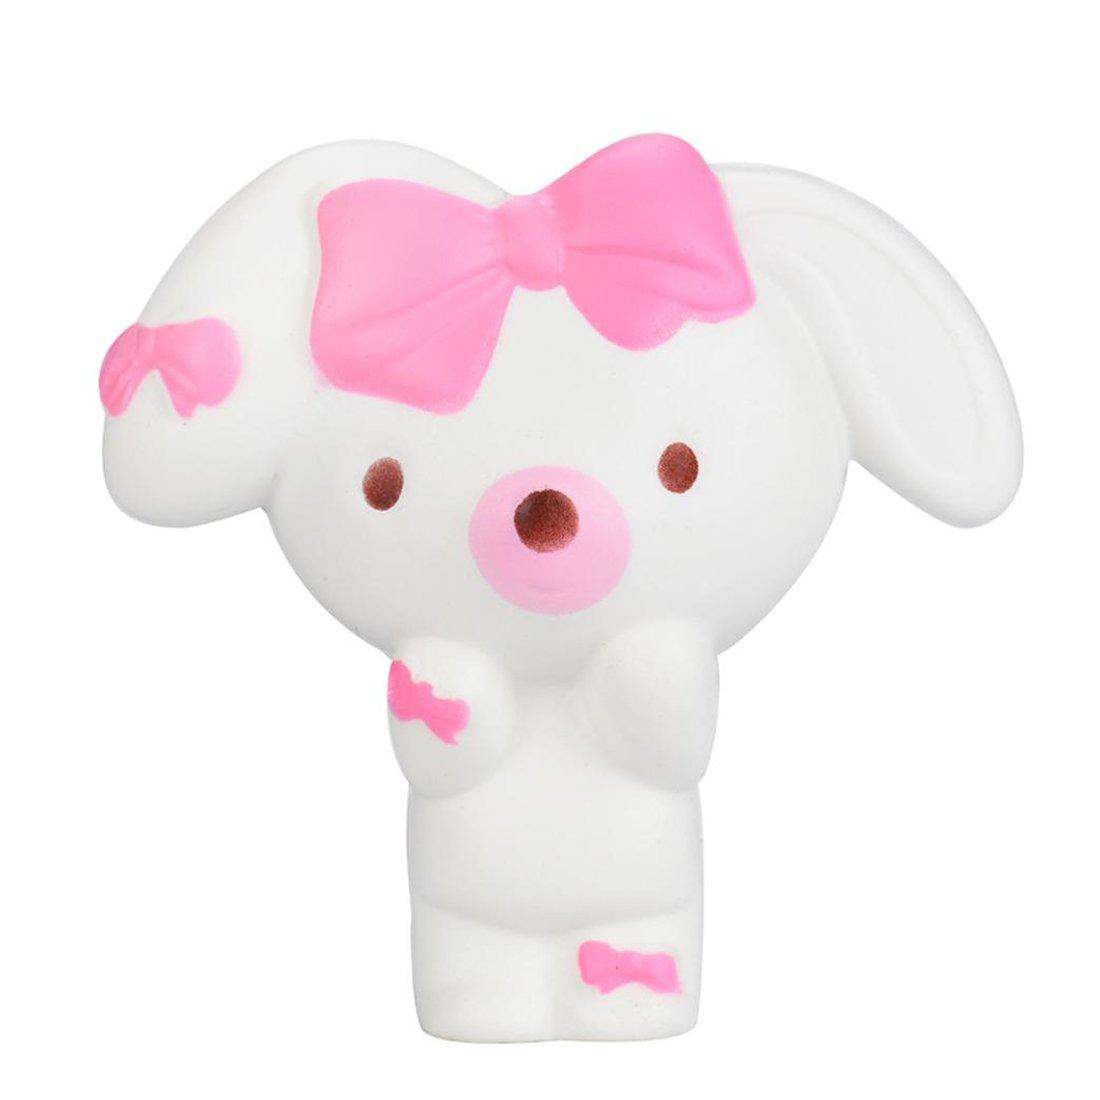 Atdoshop Spielzeug Geschenk, Stress Relief Cute Slow Rising Puppe decompression Spielzeug (12x8.5x5.5cm, Mä nnliche Pinguine) Atdoshop-YY0219